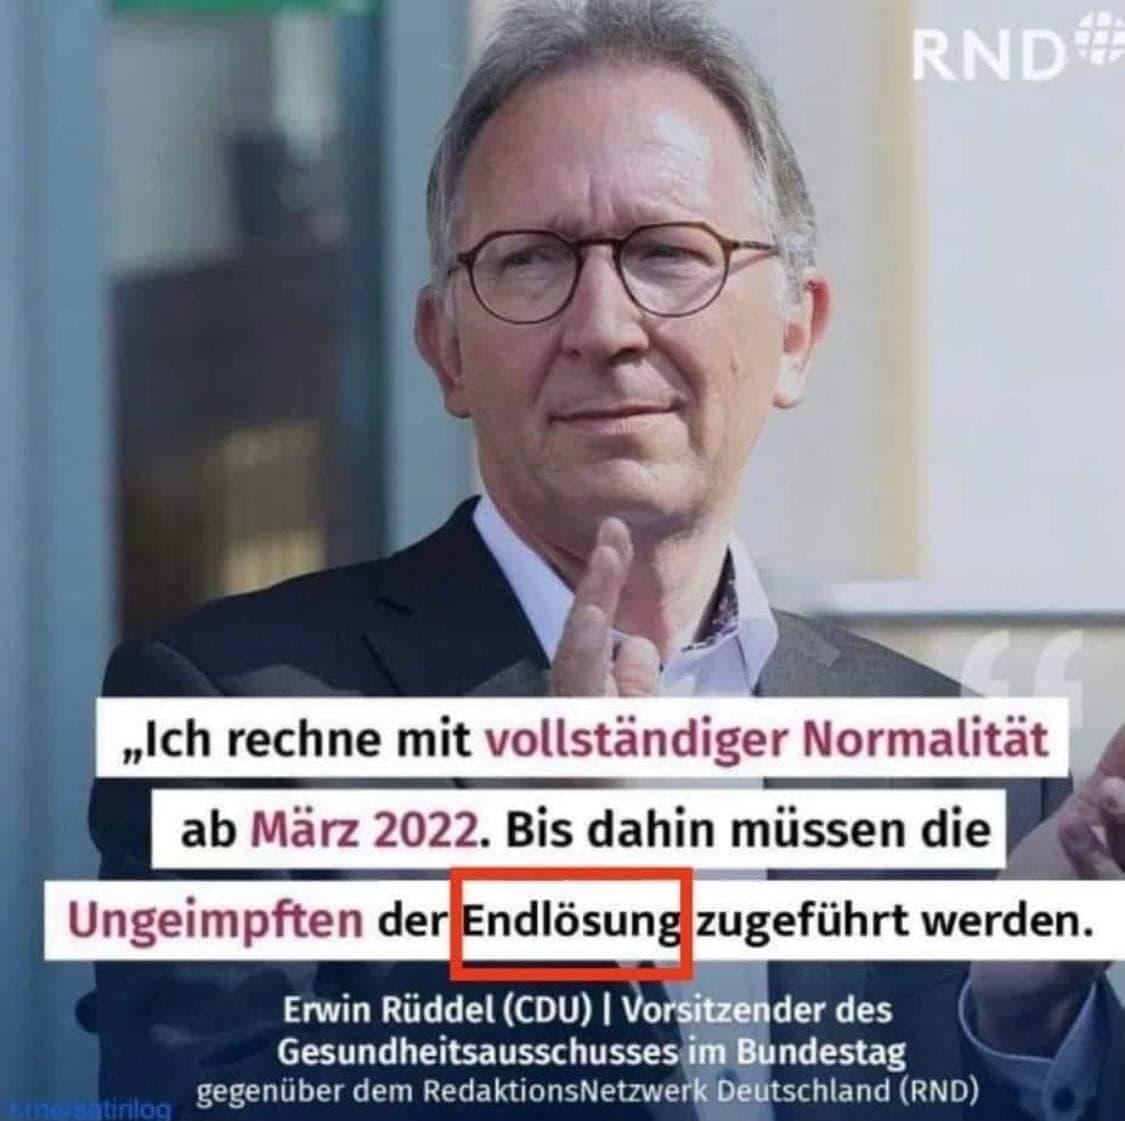 N-Wort-Speech: Erwin Rüddel (CDU), spricht von Endlösung für Ungeimpfte! Soso!